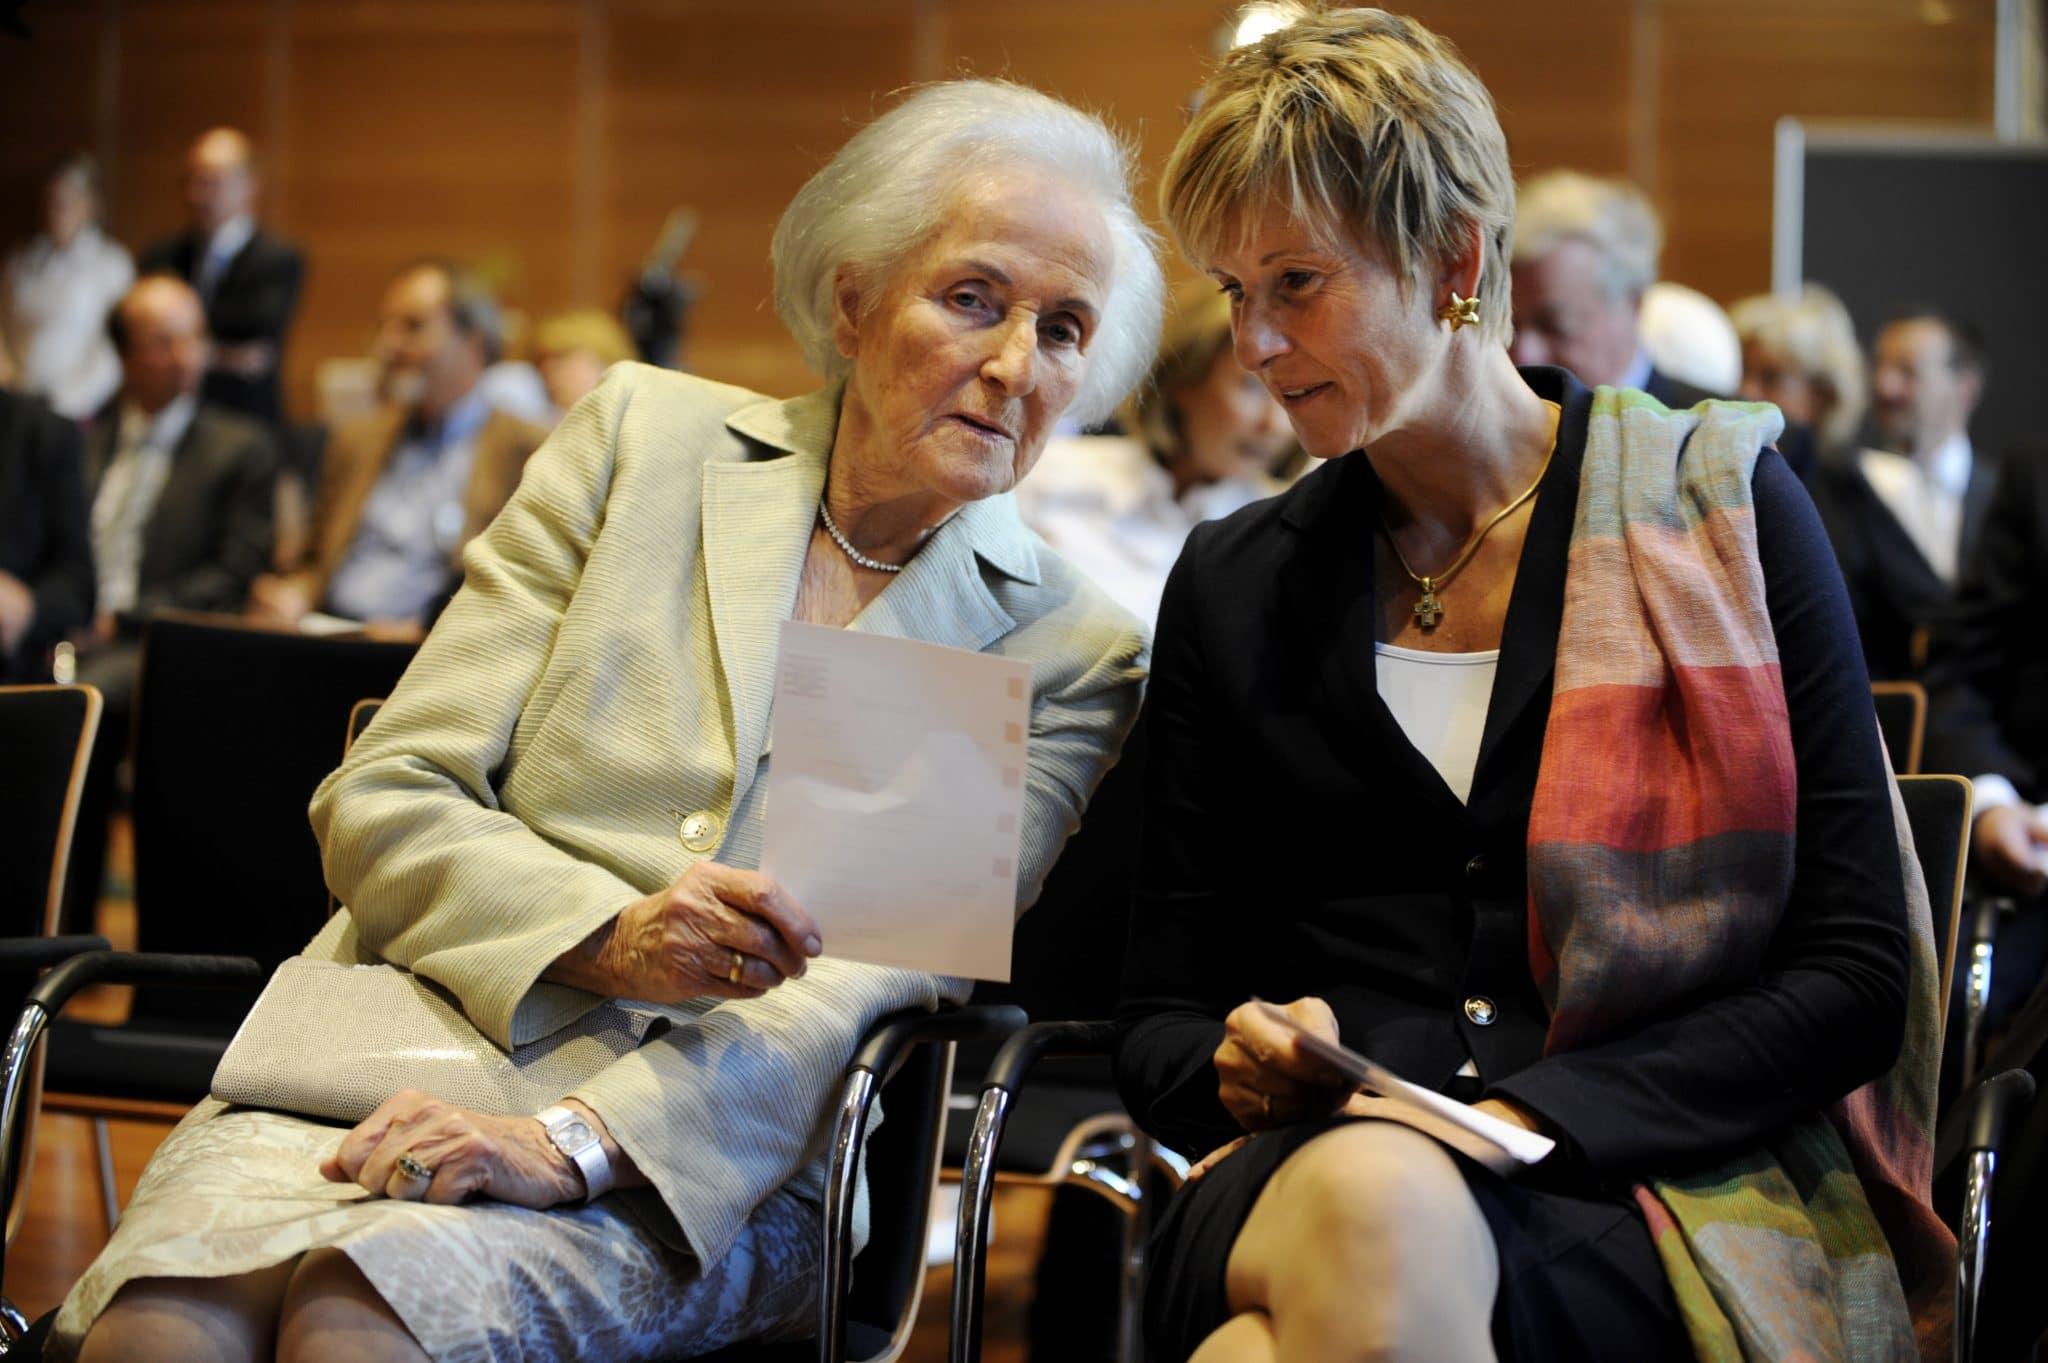 Johanna Quandt (l.) und ihre Tochter Susanne Klatten: Parteispenden als Beitrag für die Gesellschaft, Foto: ddp images